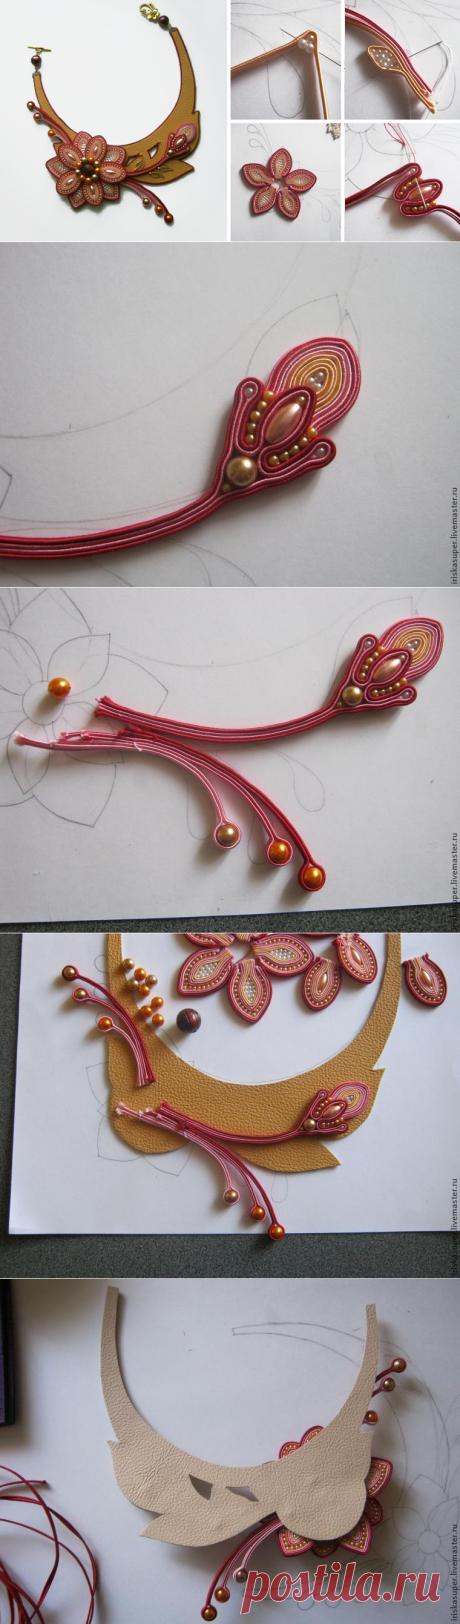 """Изготовление сутажного колье """"Эвридика"""". Часть 2 - Ярмарка Мастеров - ручная работа, handmade"""